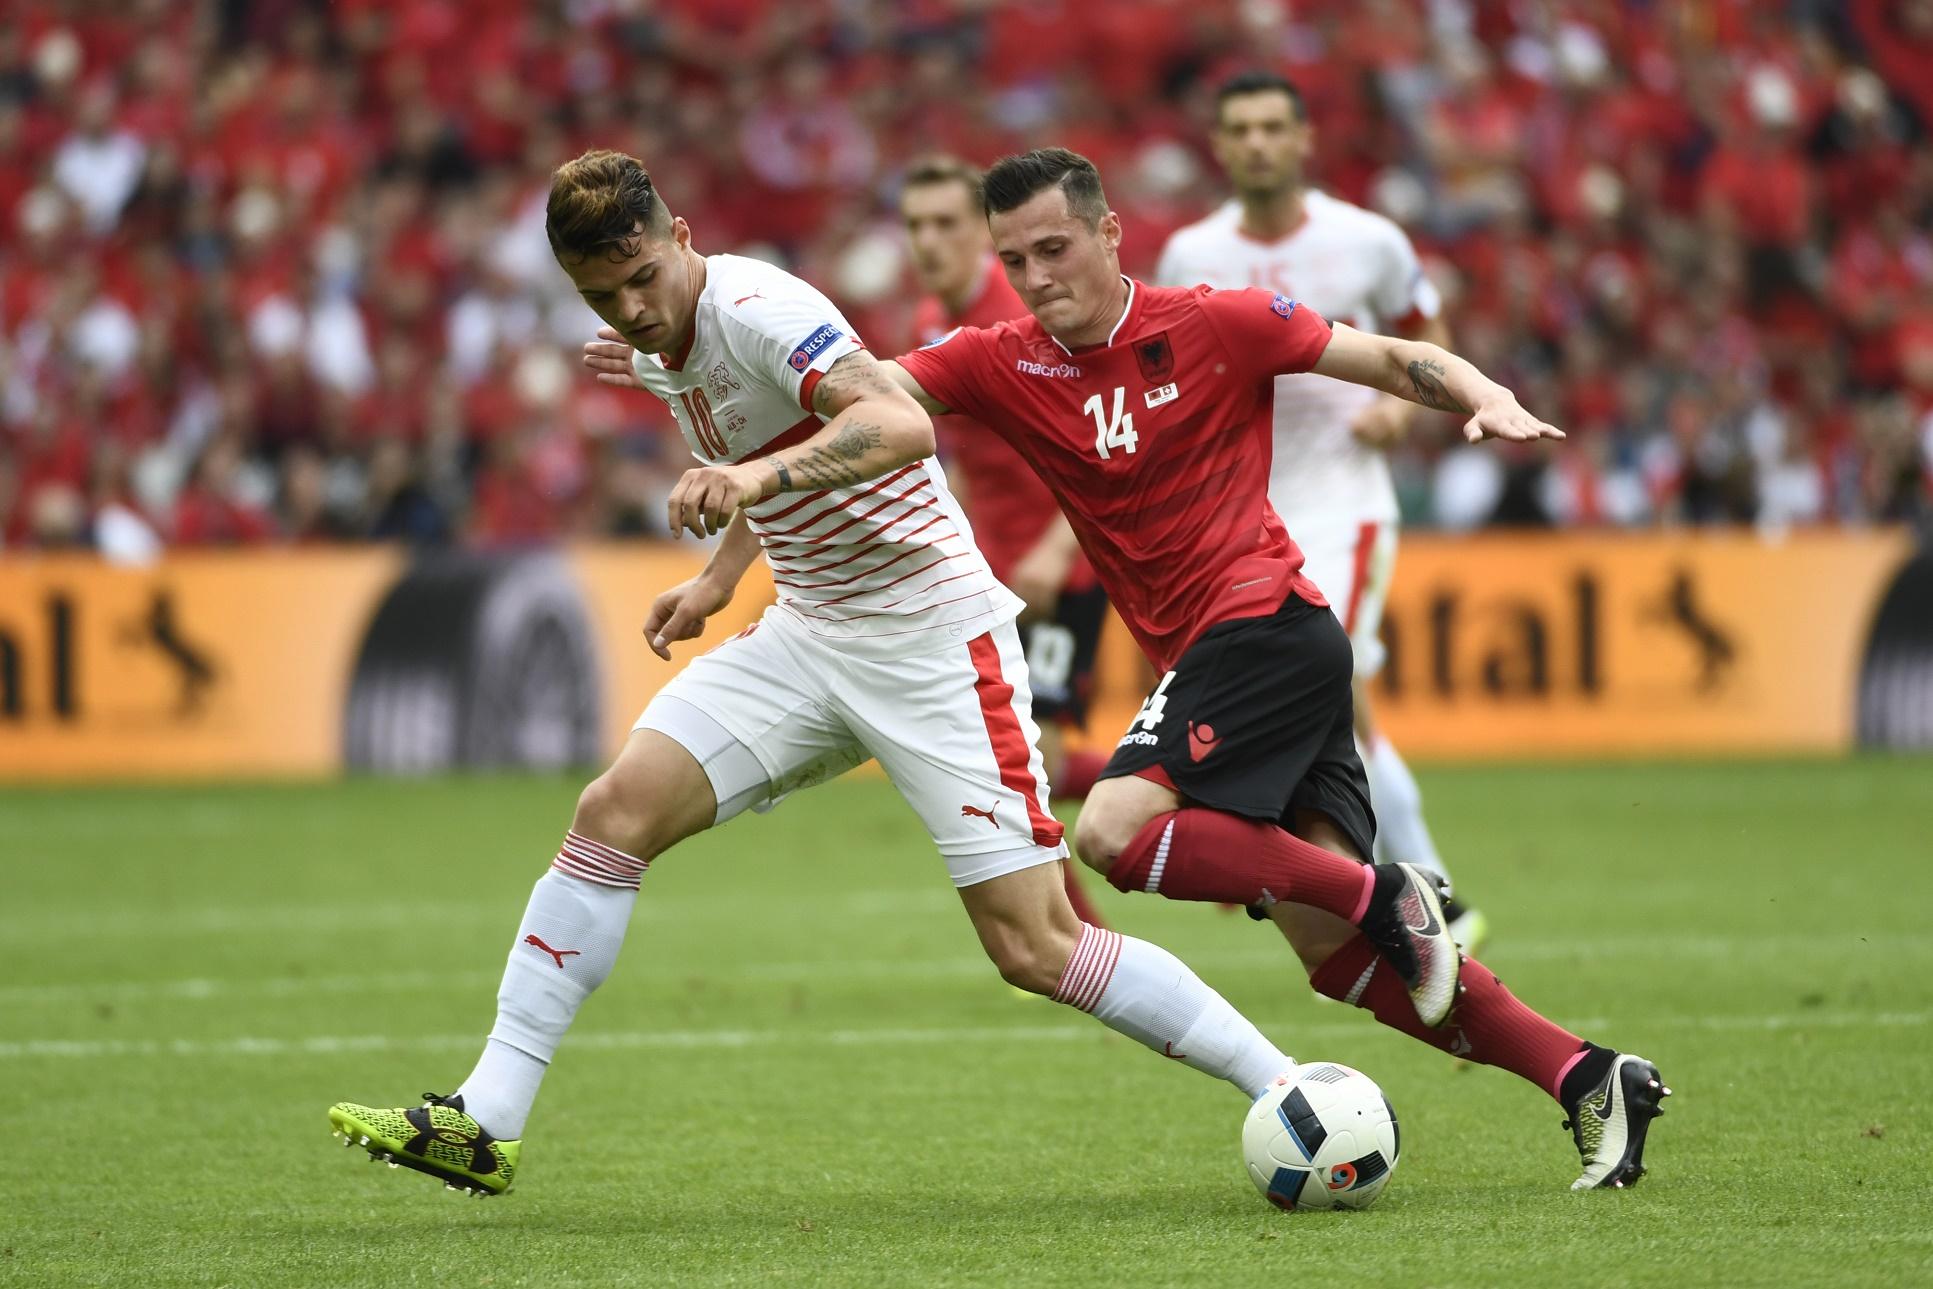 Os irmãos Granit Xhaka, da Suiça, e Taulant Xhaka, da Albânia, disputam a bola no jogo de abertura da Euro 2016, em Lens, na França